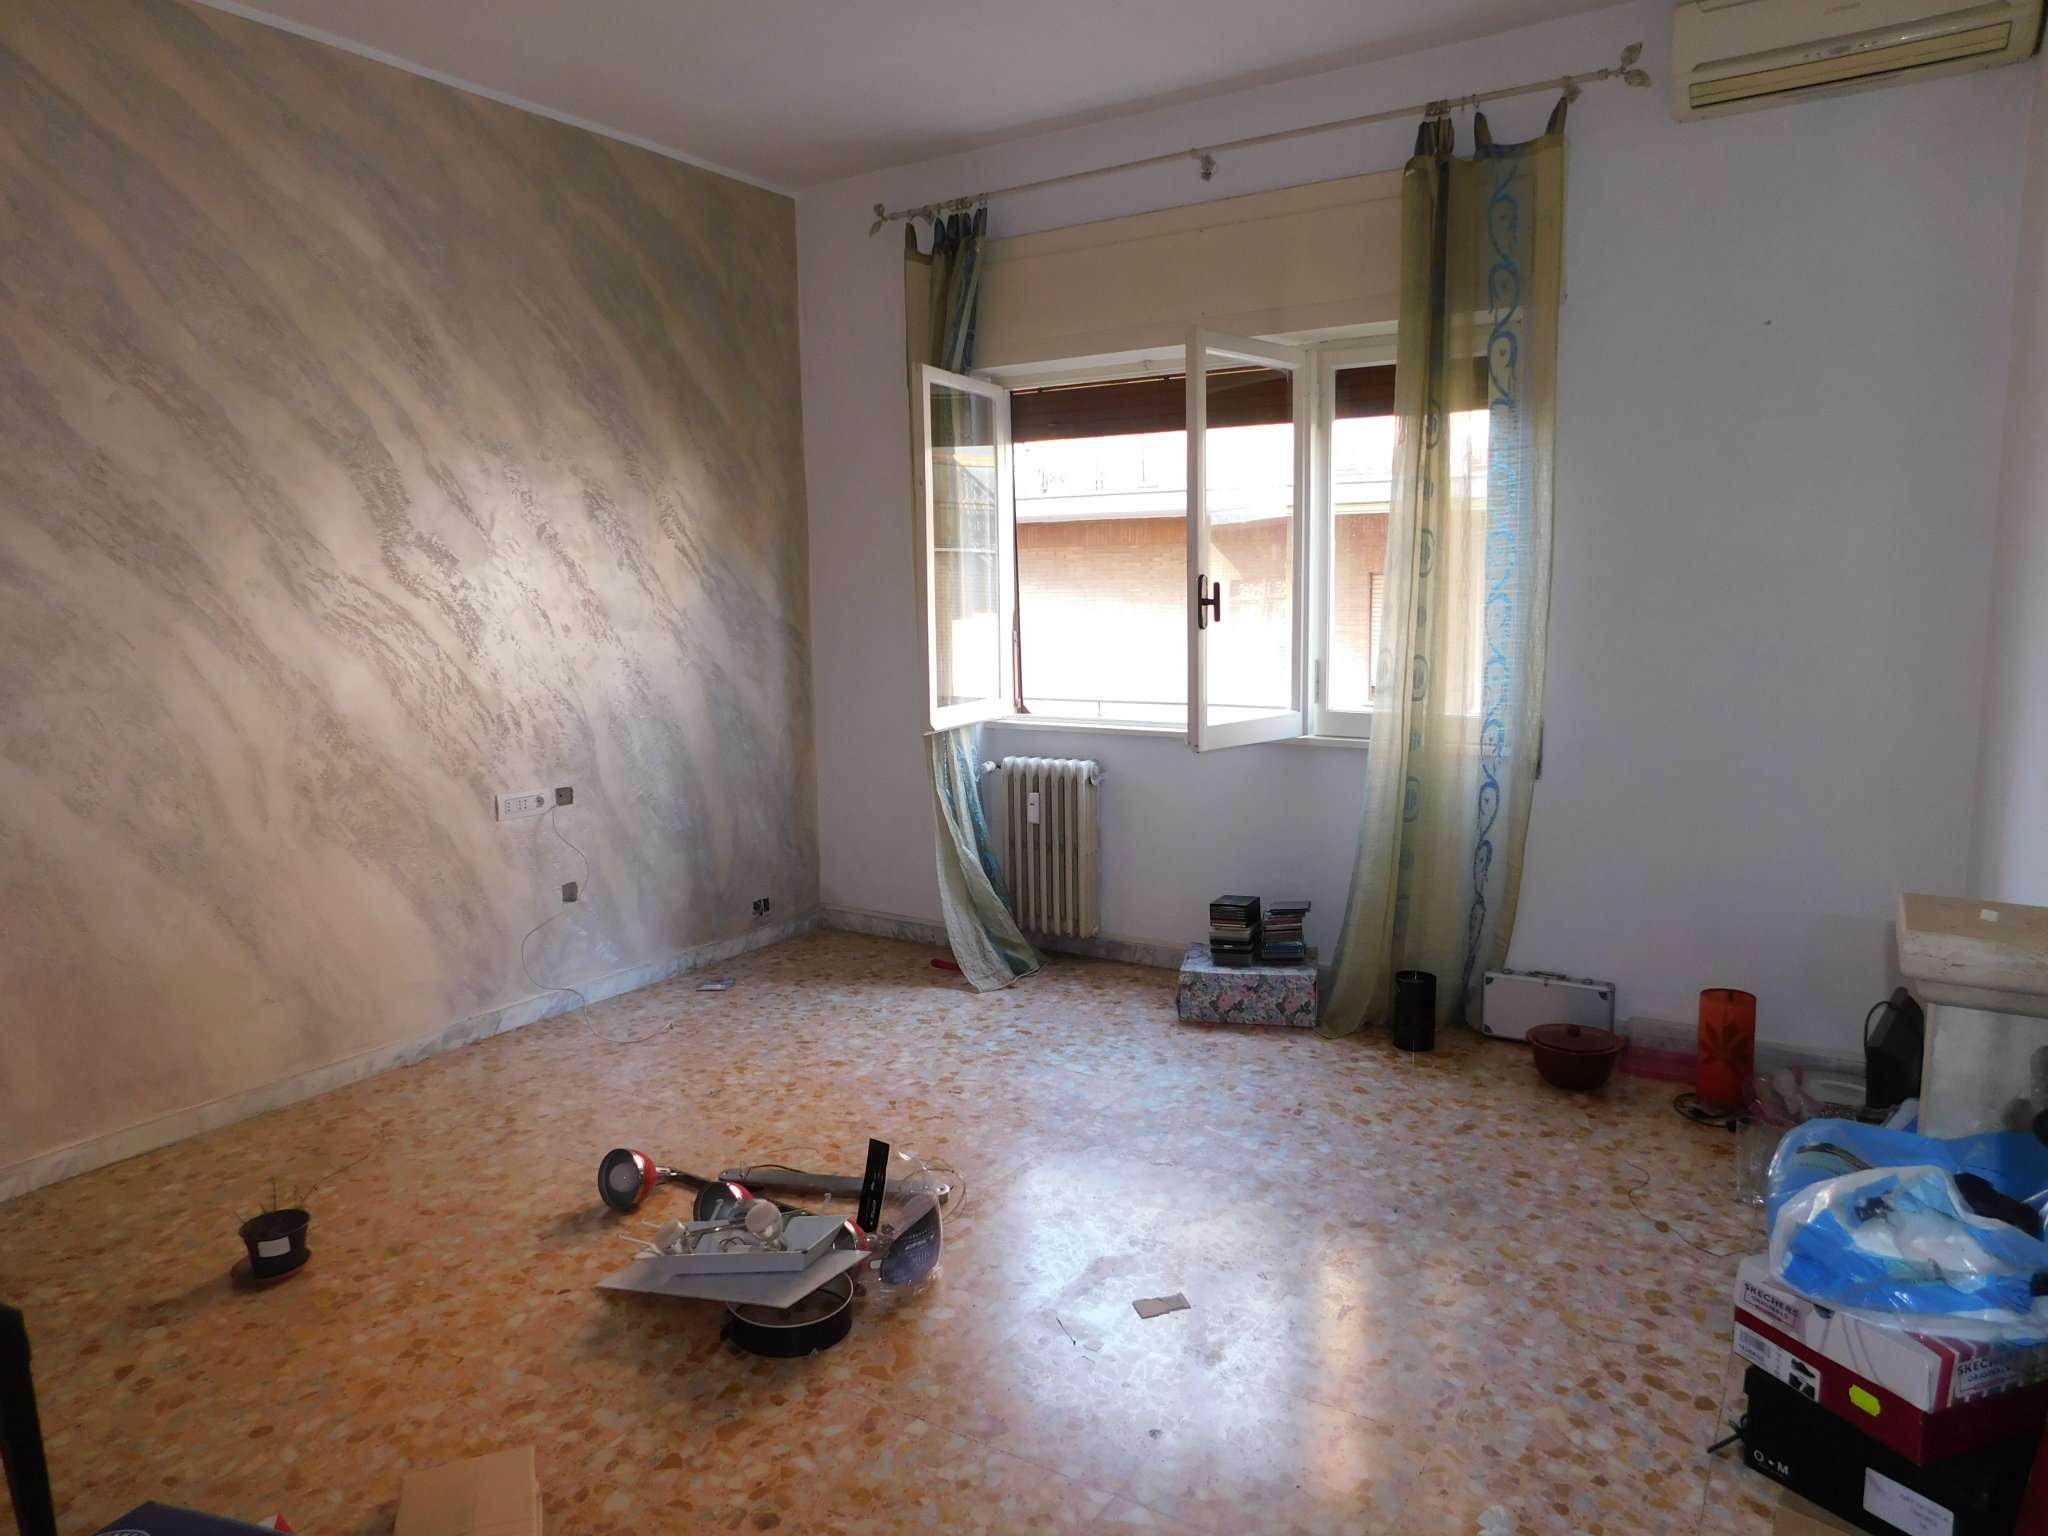 Appartamento in vendita a Roma, 2 locali, zona Zona: 11 . Centocelle, Alessandrino, Collatino, Prenestina, Villa Giordani, prezzo € 149.000   CambioCasa.it